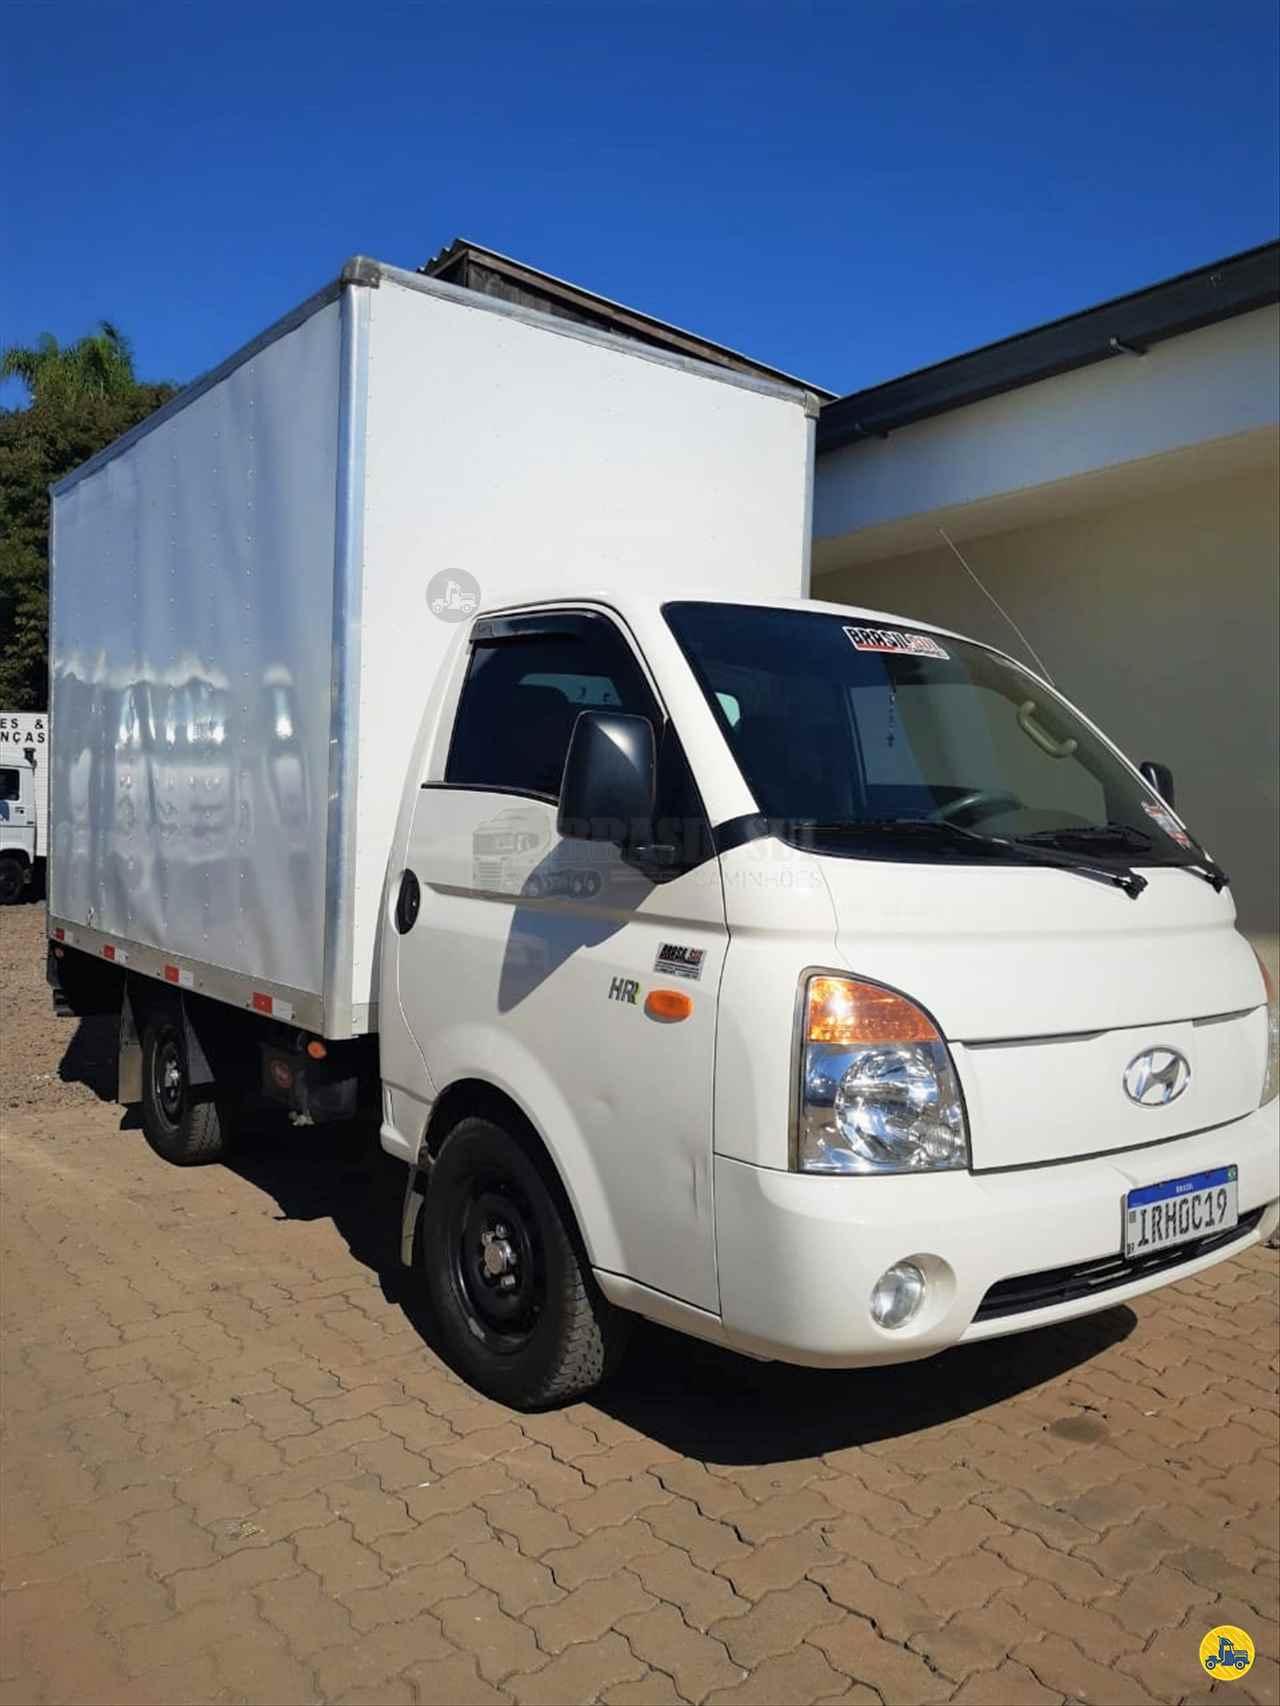 CAMINHAO HYUNDAI HR Baú Furgão 3/4 4x2 Brasil Sul Caminhões PORTAO RIO GRANDE DO SUL RS